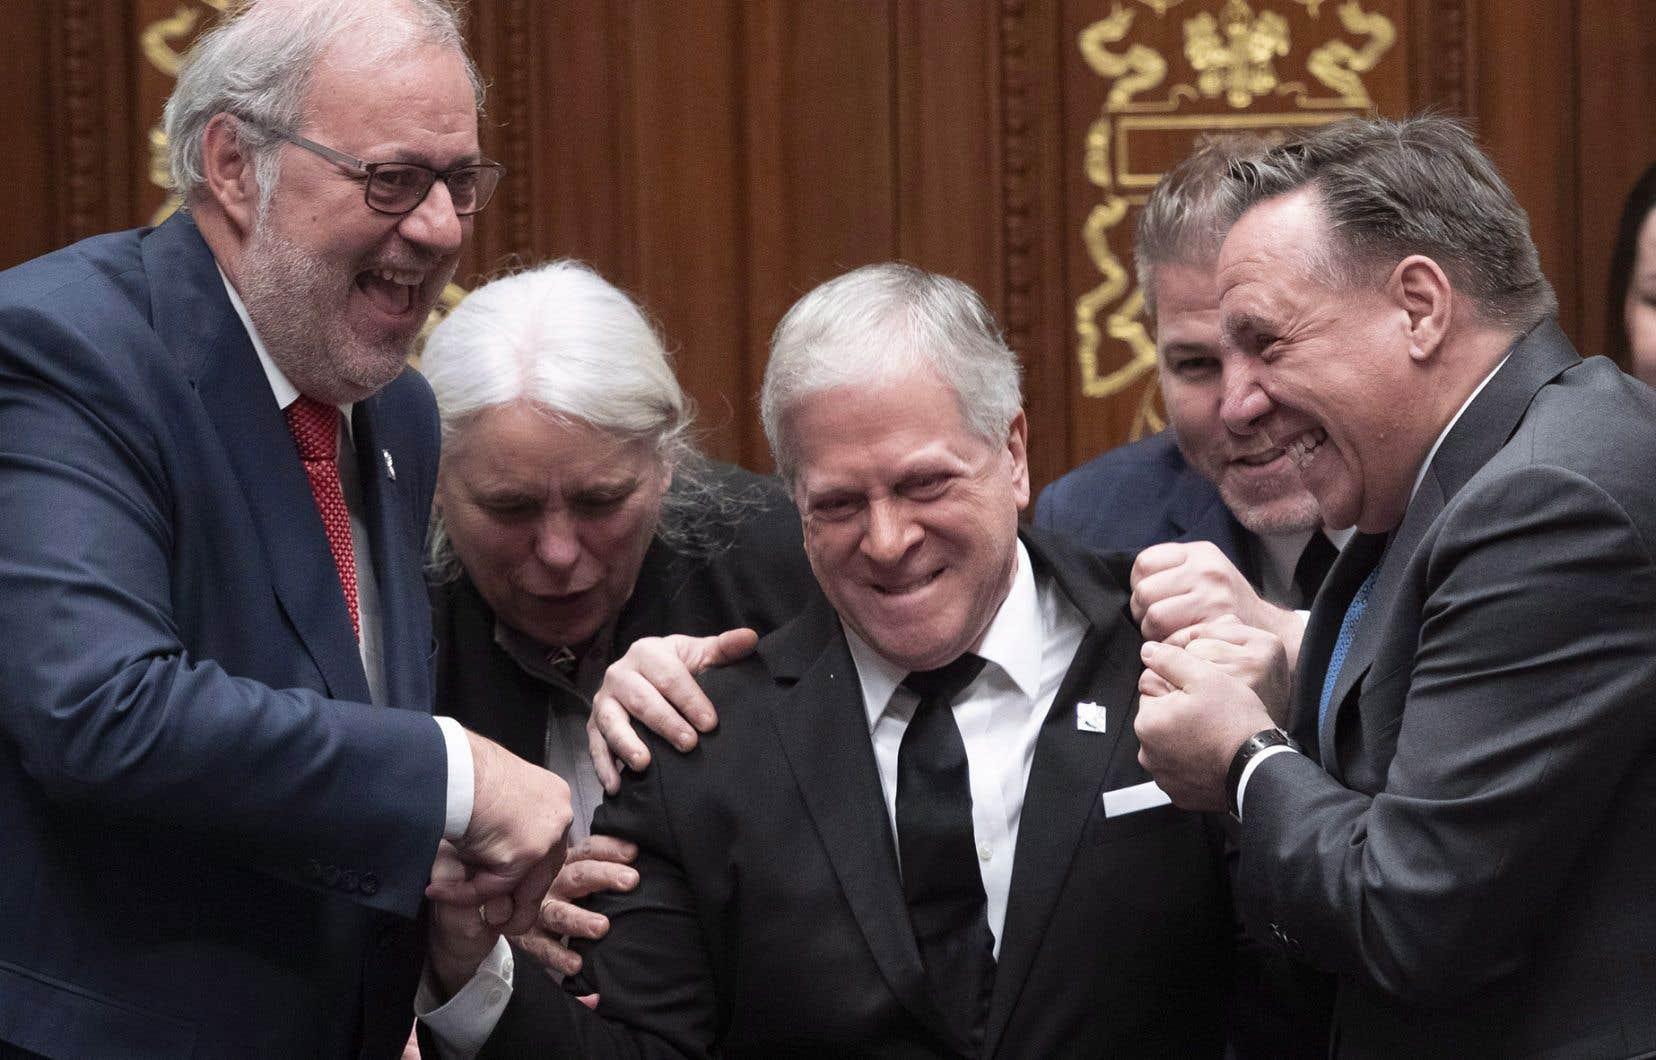 Comme le veut la tradition, M.Paradis a feint de résister à sa nomination comme président de l'Assemblée nationale alors qu'il étaittiré de force par les chefs des quatre groupes parlementaires.